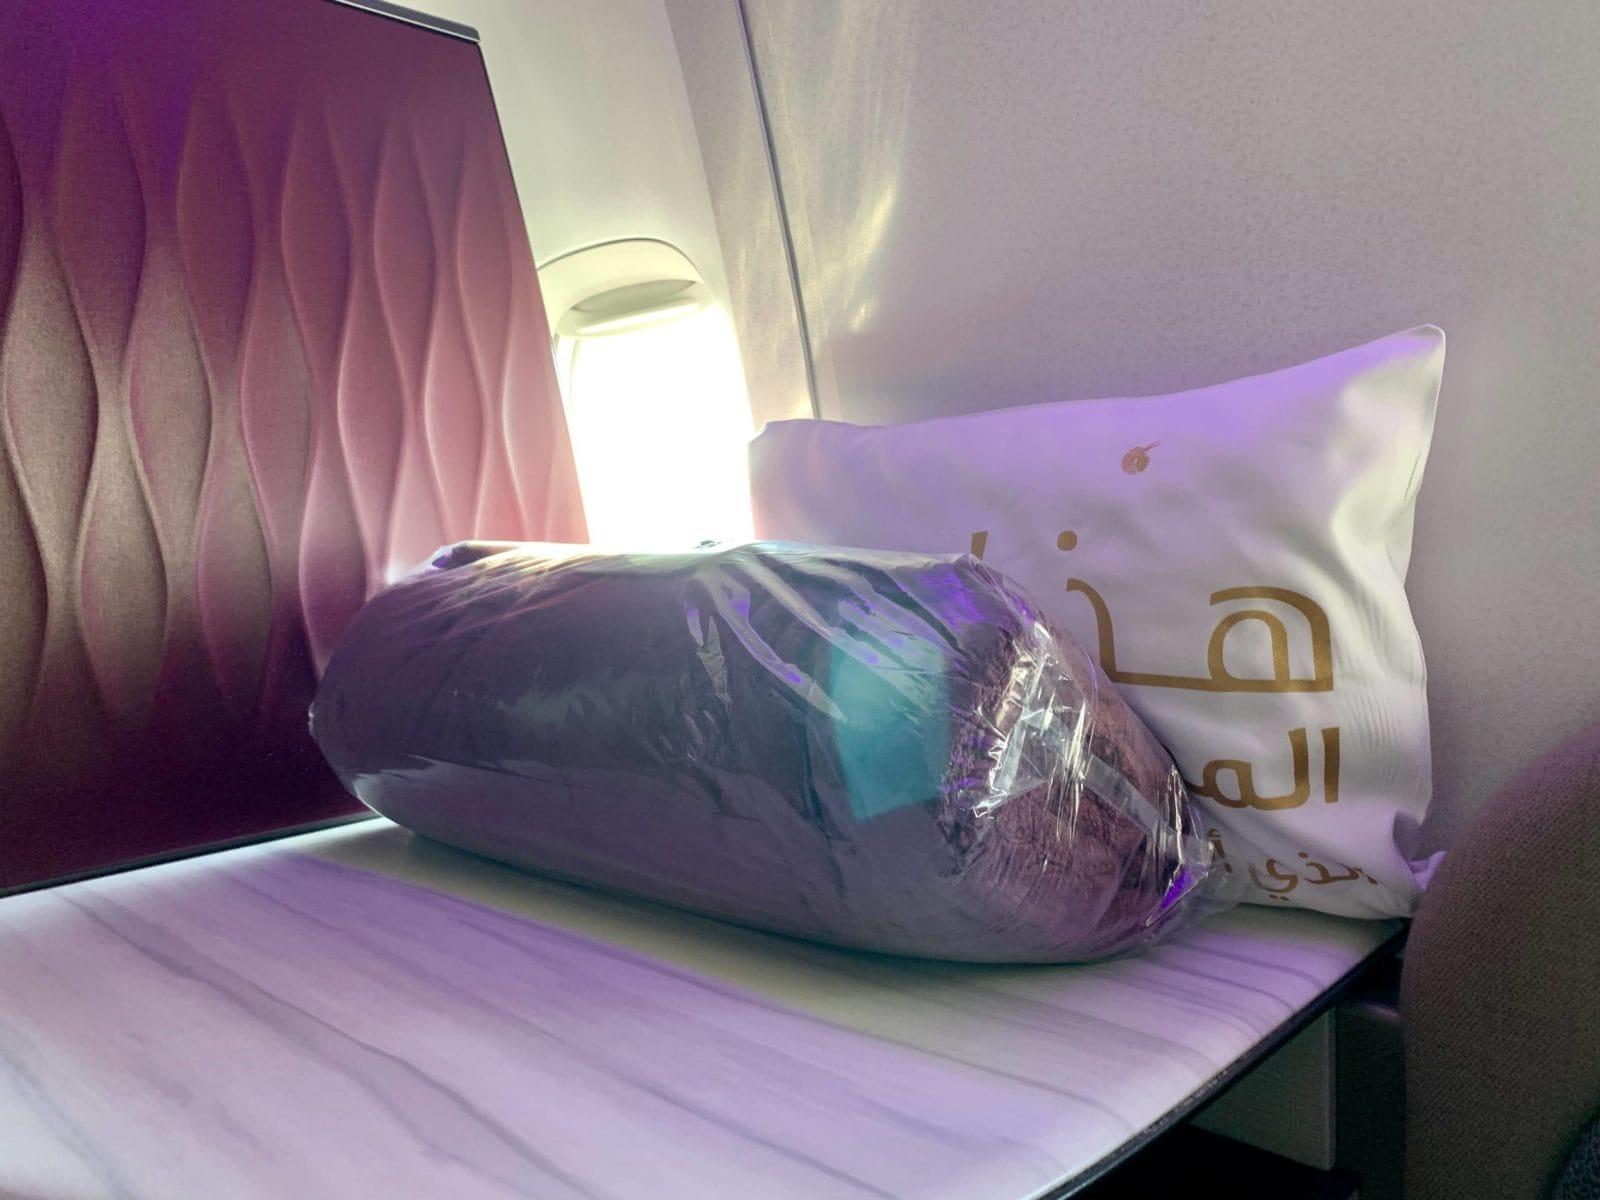 Qatar Airways Qsuite Boeing 777-300ER Decke